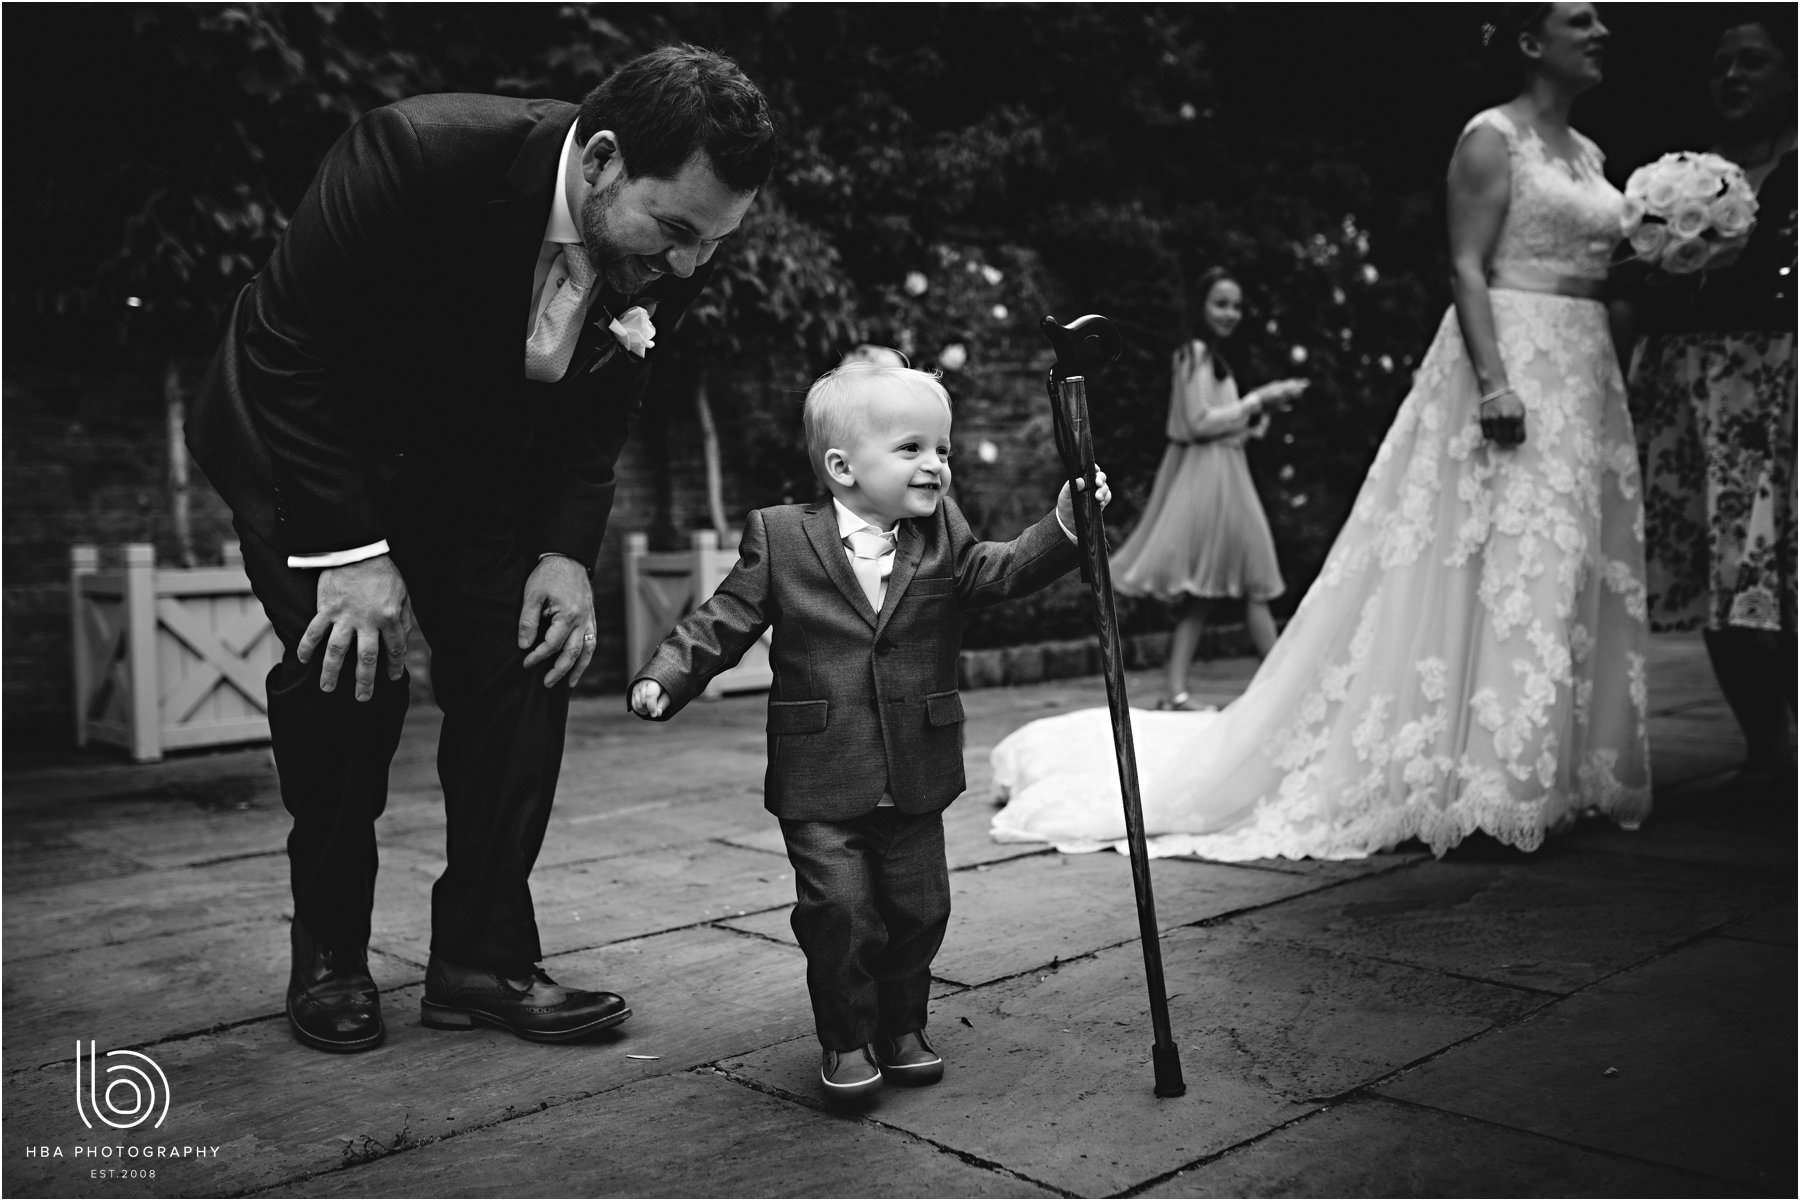 the bride & groom's son